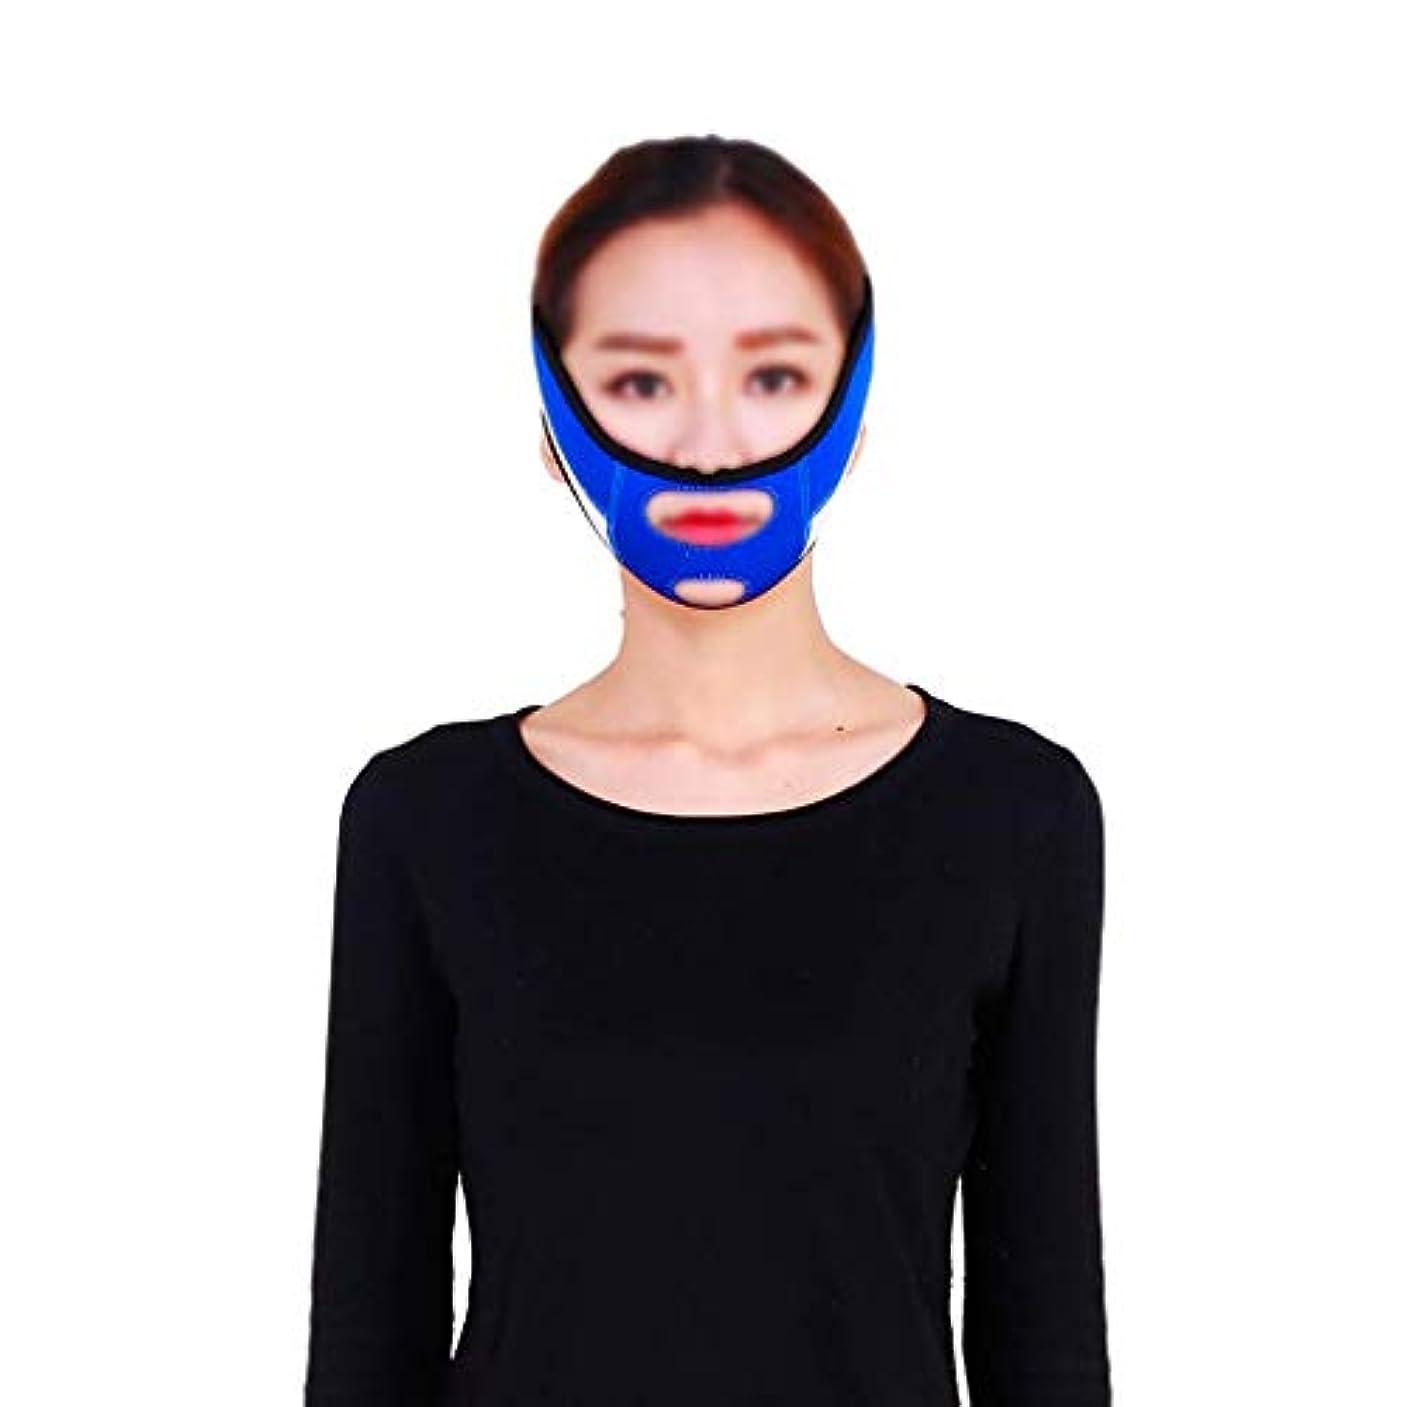 不快な寛大なフロー引き締めフェイスマスク、たるみ肌を強化するために口を調整して滑り止め弾性伸縮性包帯を調整するための小さなVフェイスアーティファクトリフティングマスク